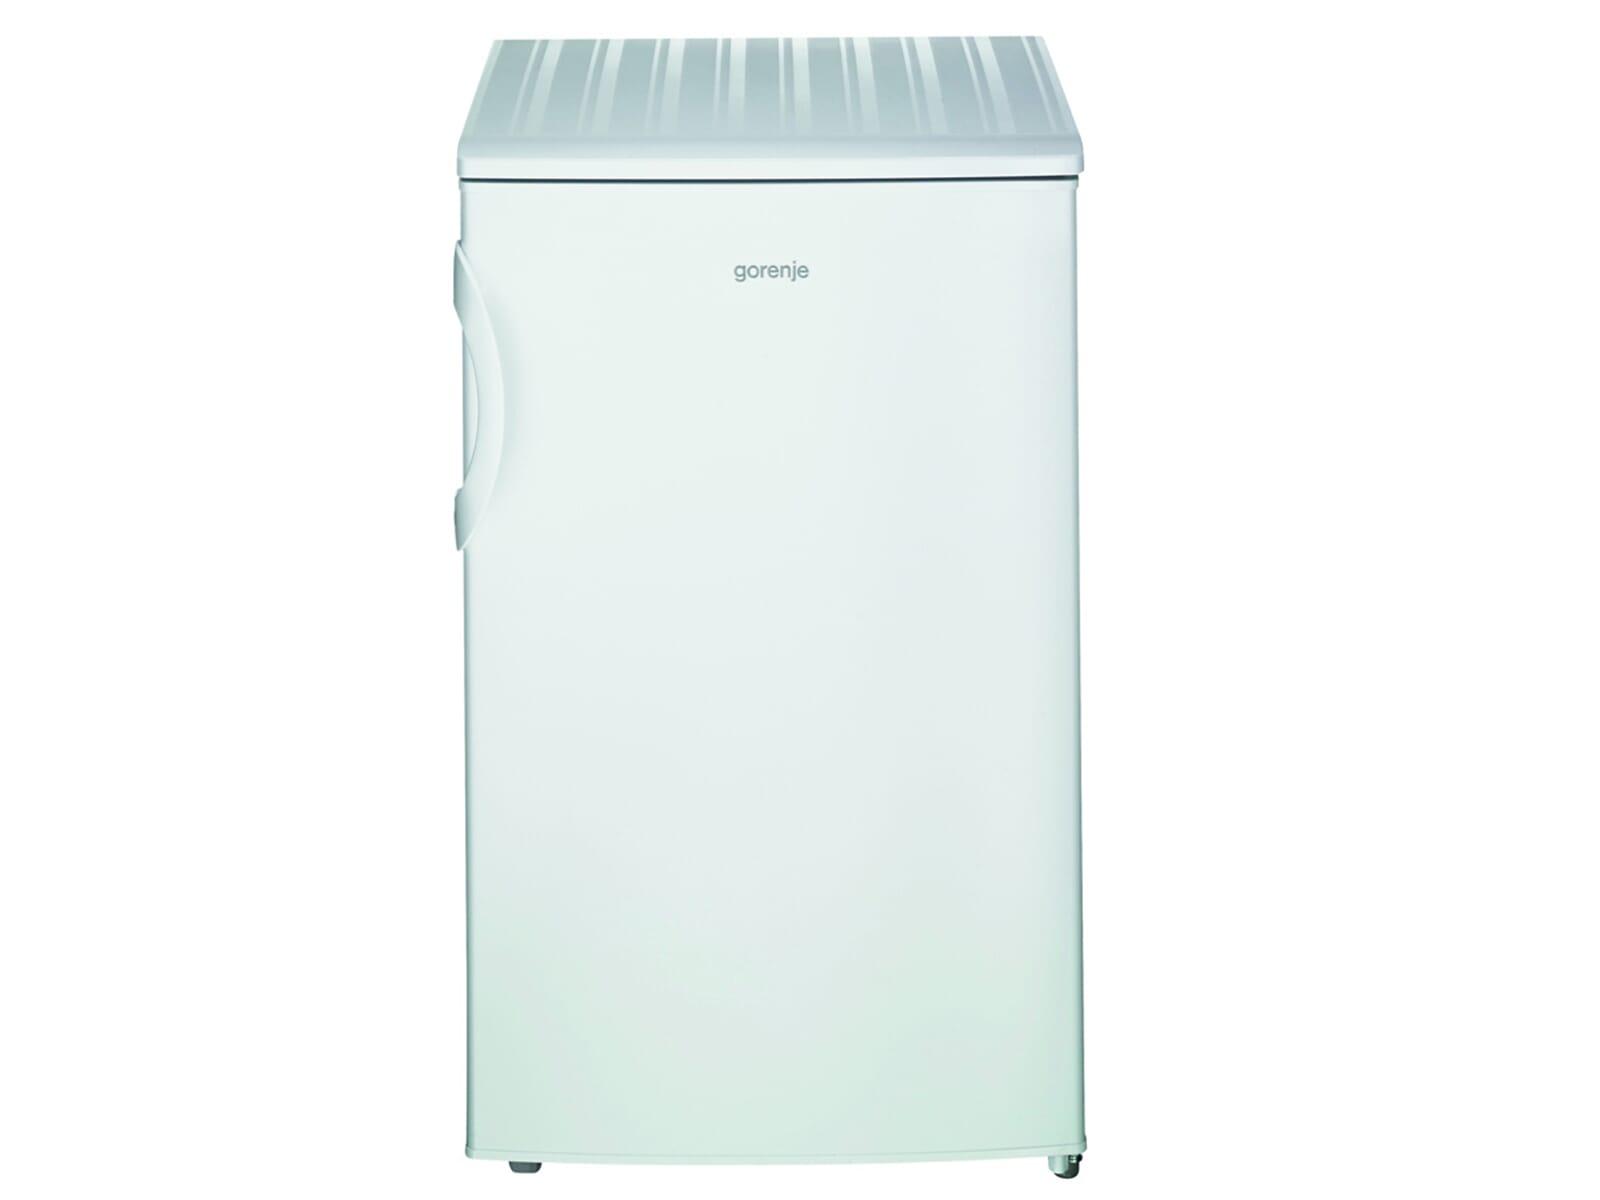 Gorenje Kühlschrank Weiß : Gorenje rb anw standkühlschrank mit gefrierfach unterbaufähig